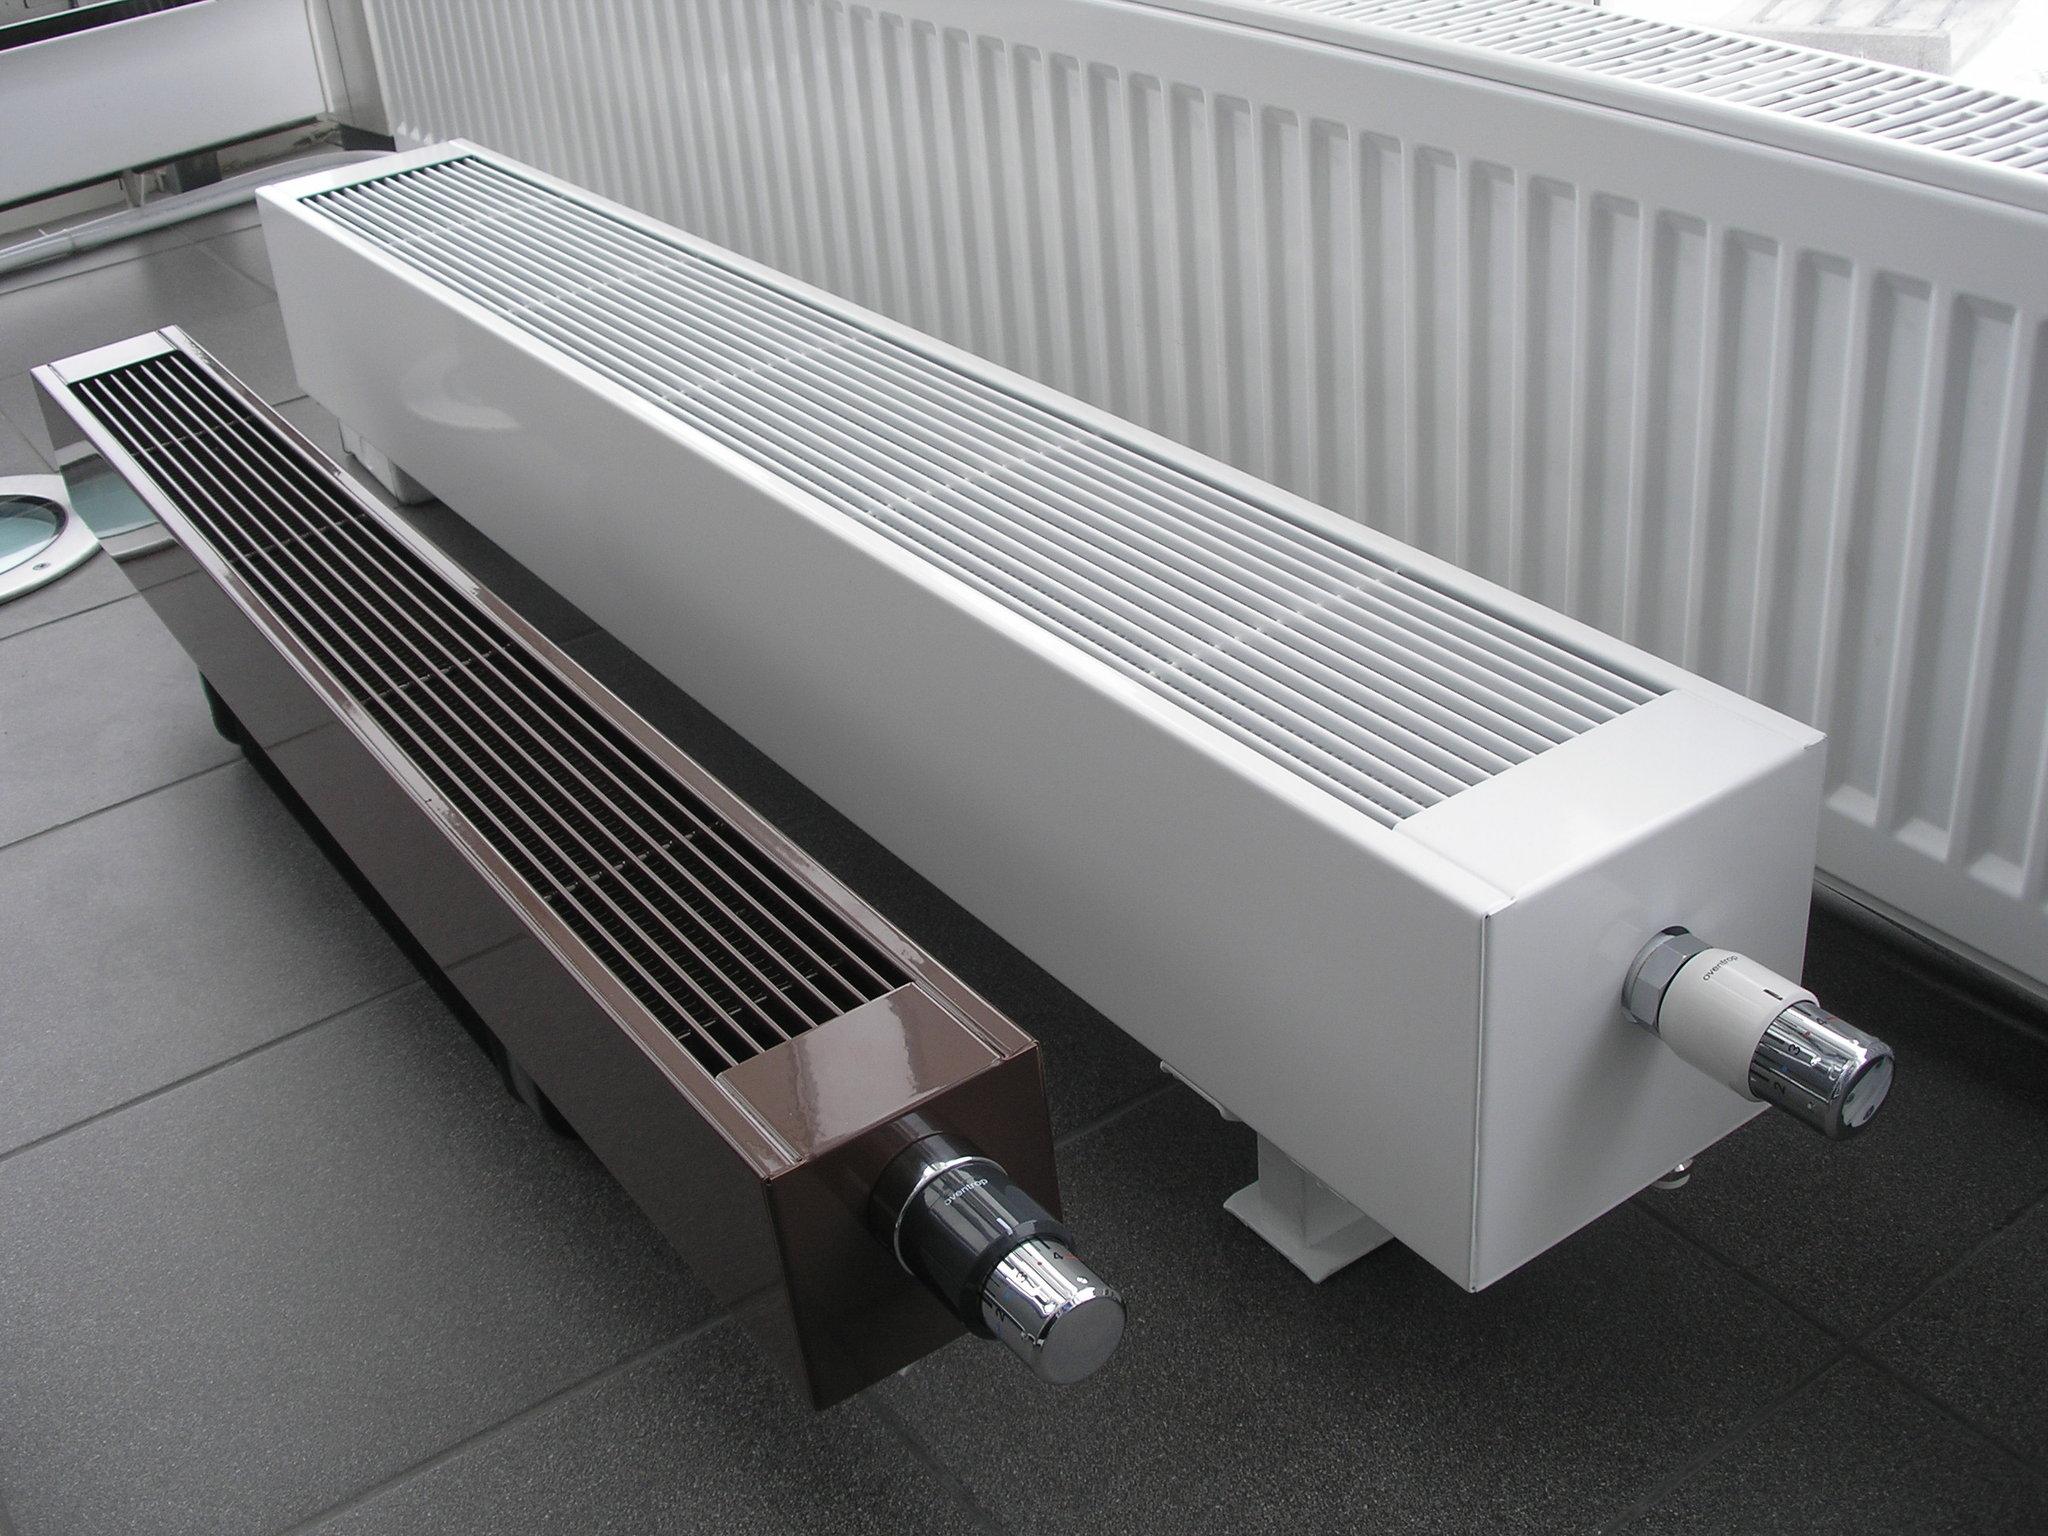 конвекторы радиаторы отопления фото руку